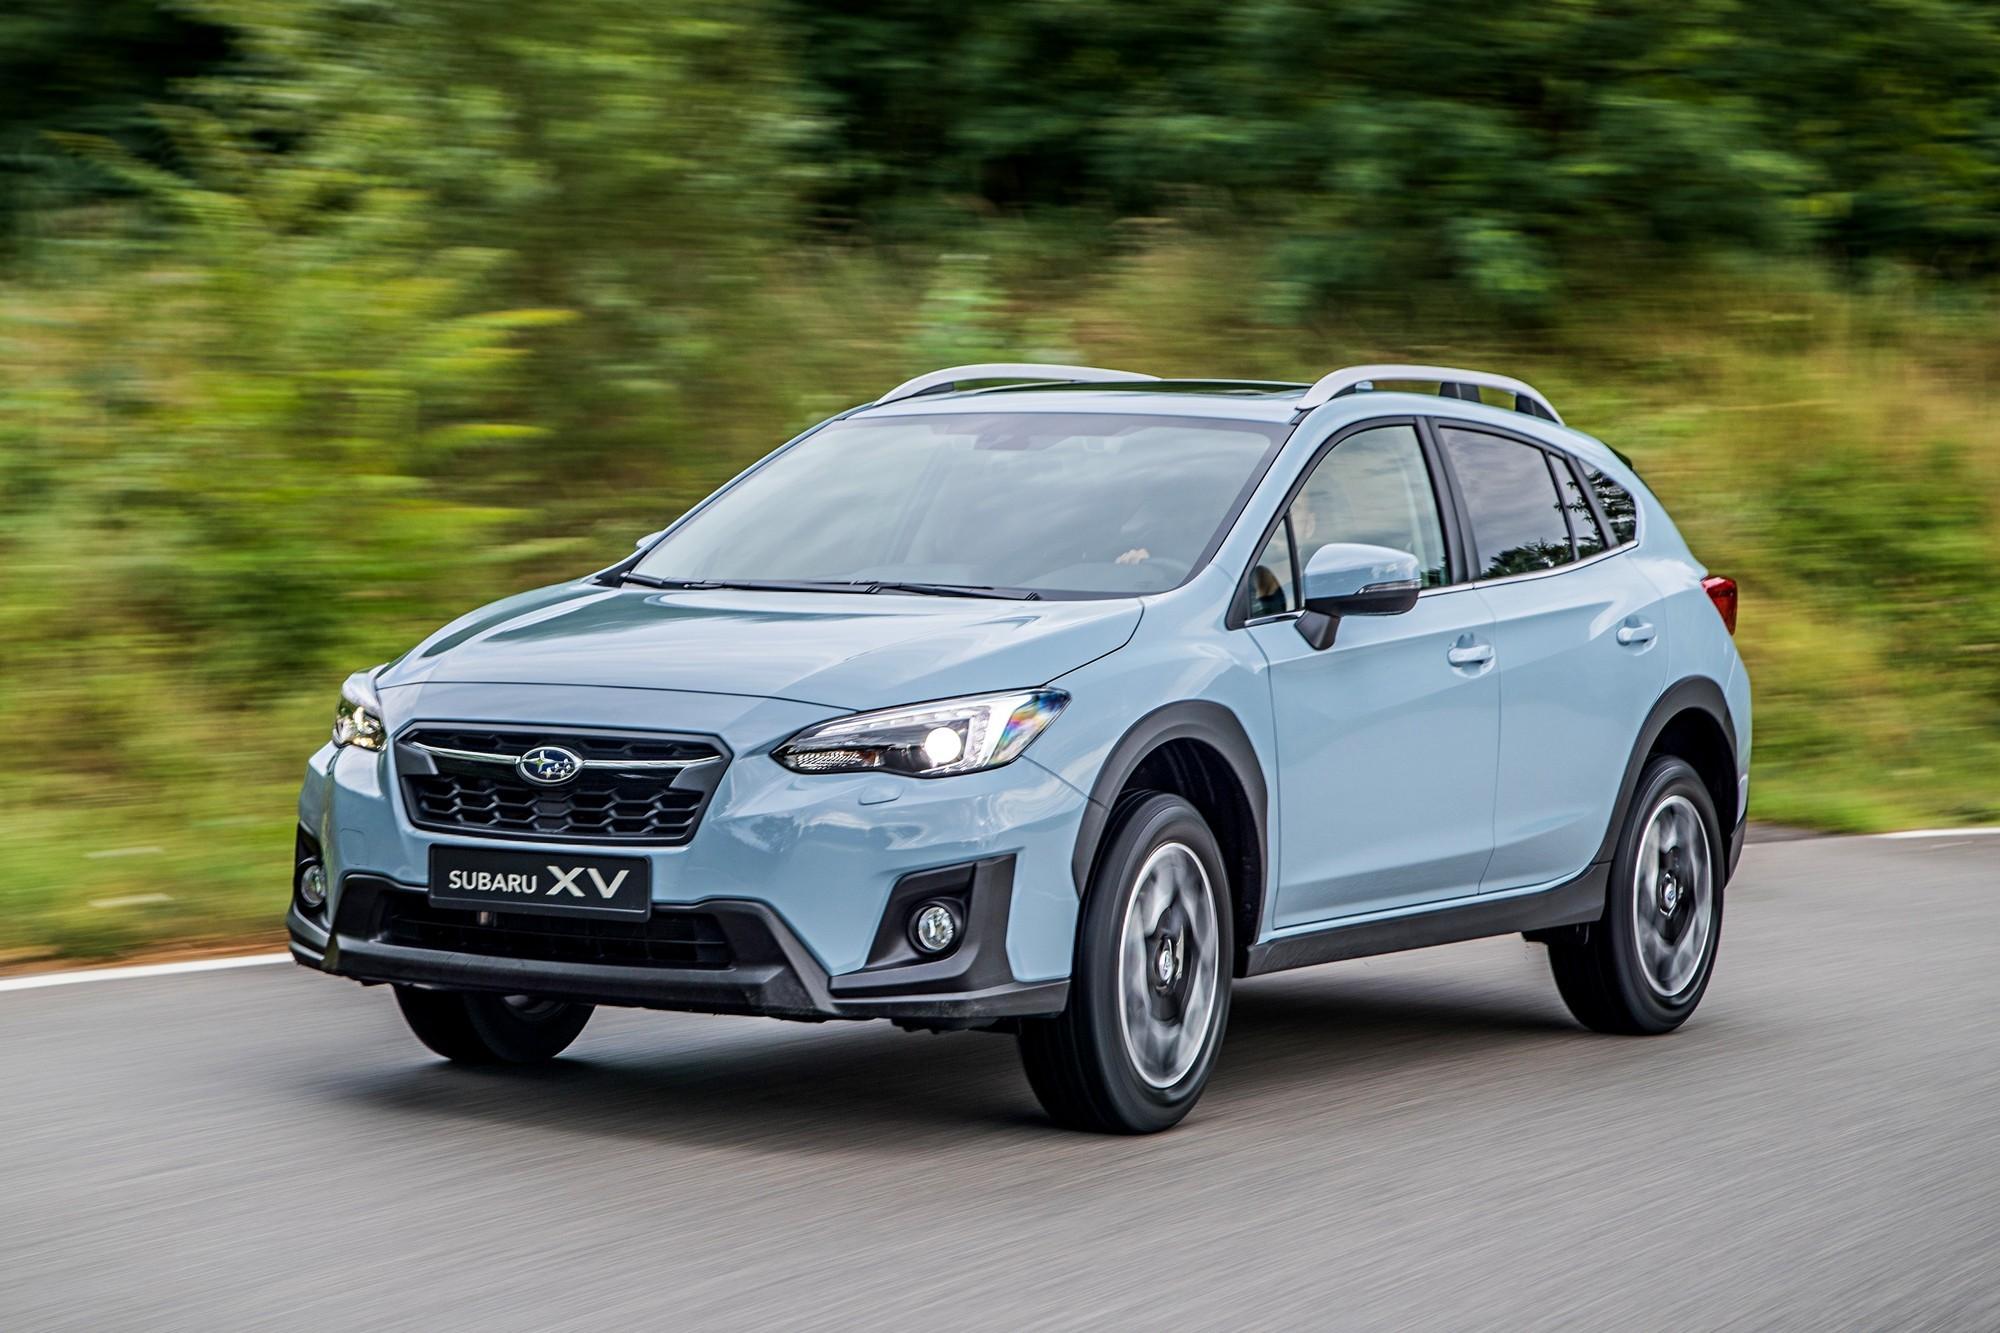 Subaru отзывает в РФ кроссоверы XV и Forester: задняя подвеска может развалиться